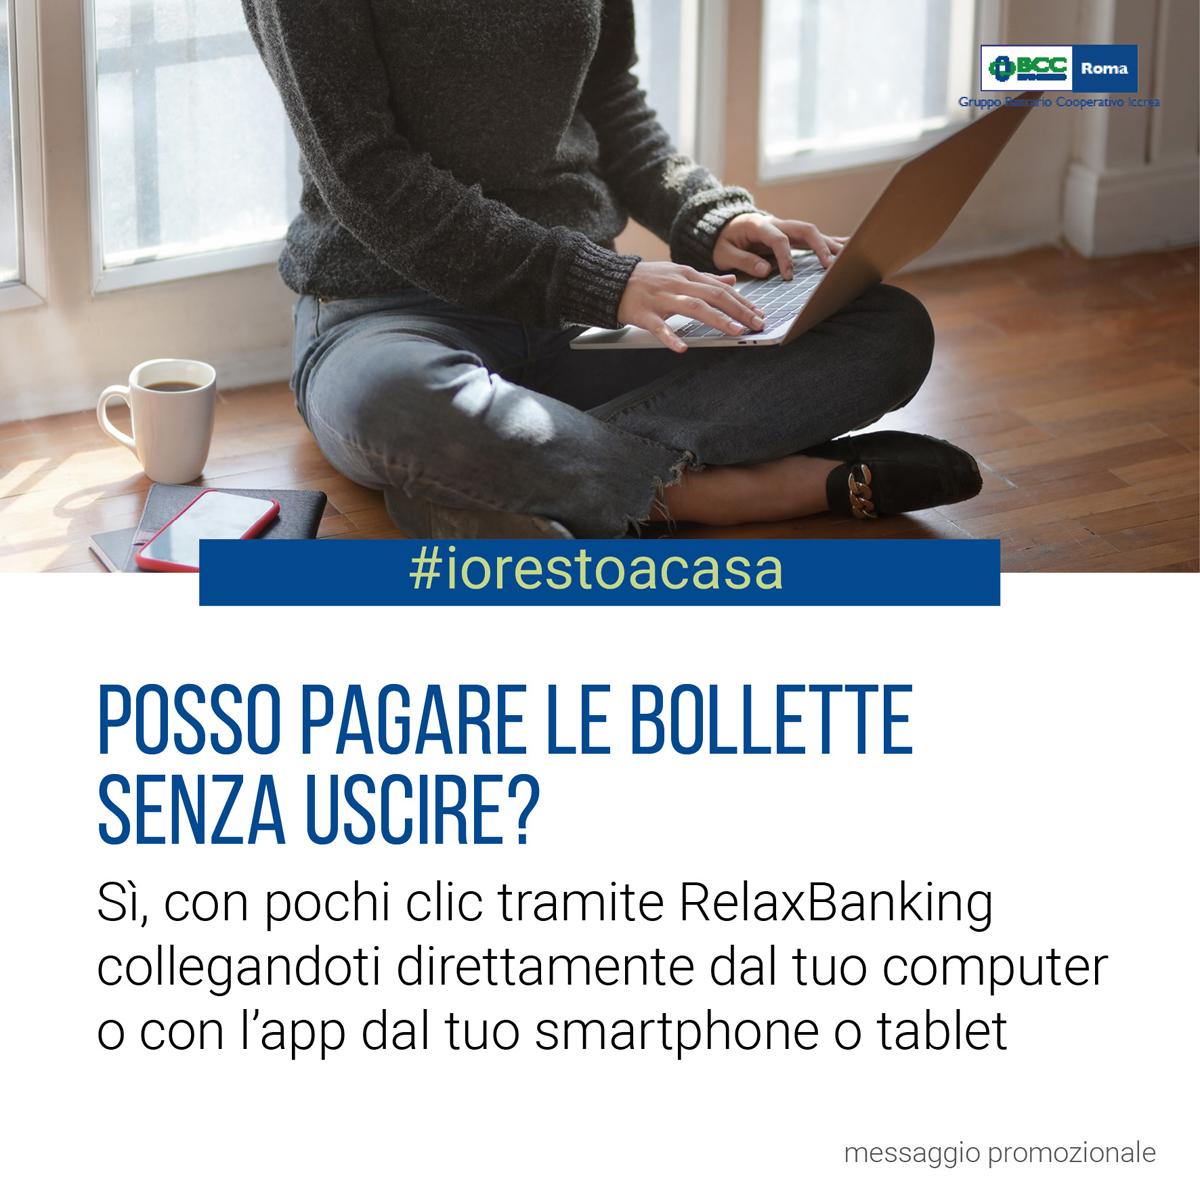 IoRestoaCasa Bollette - RELAX